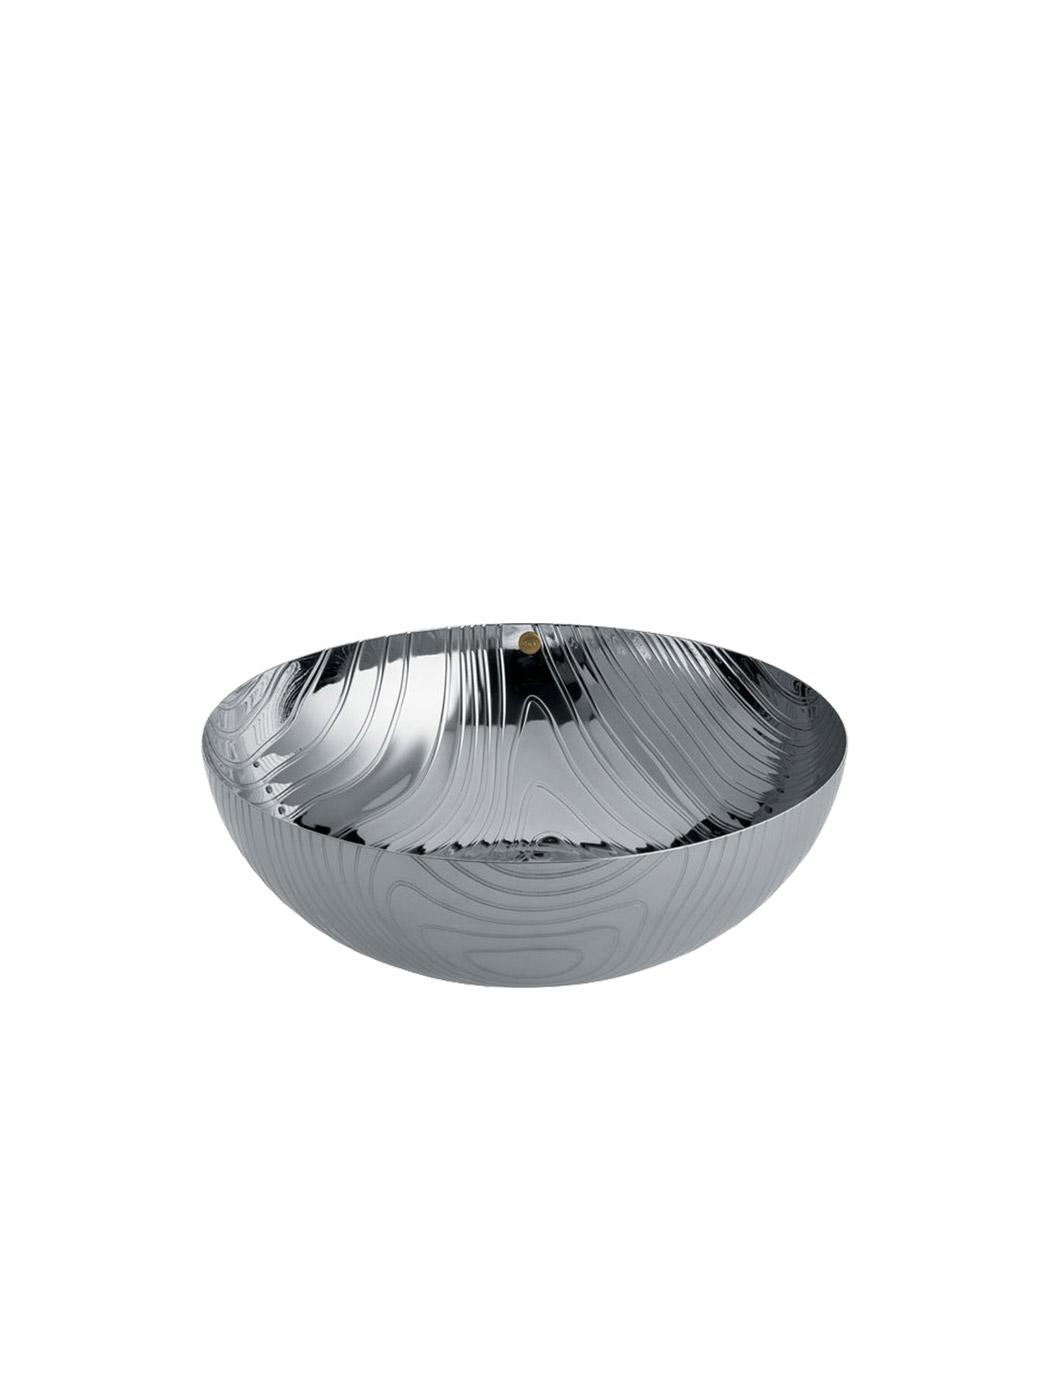 veneer bowl alessi small stainless steel